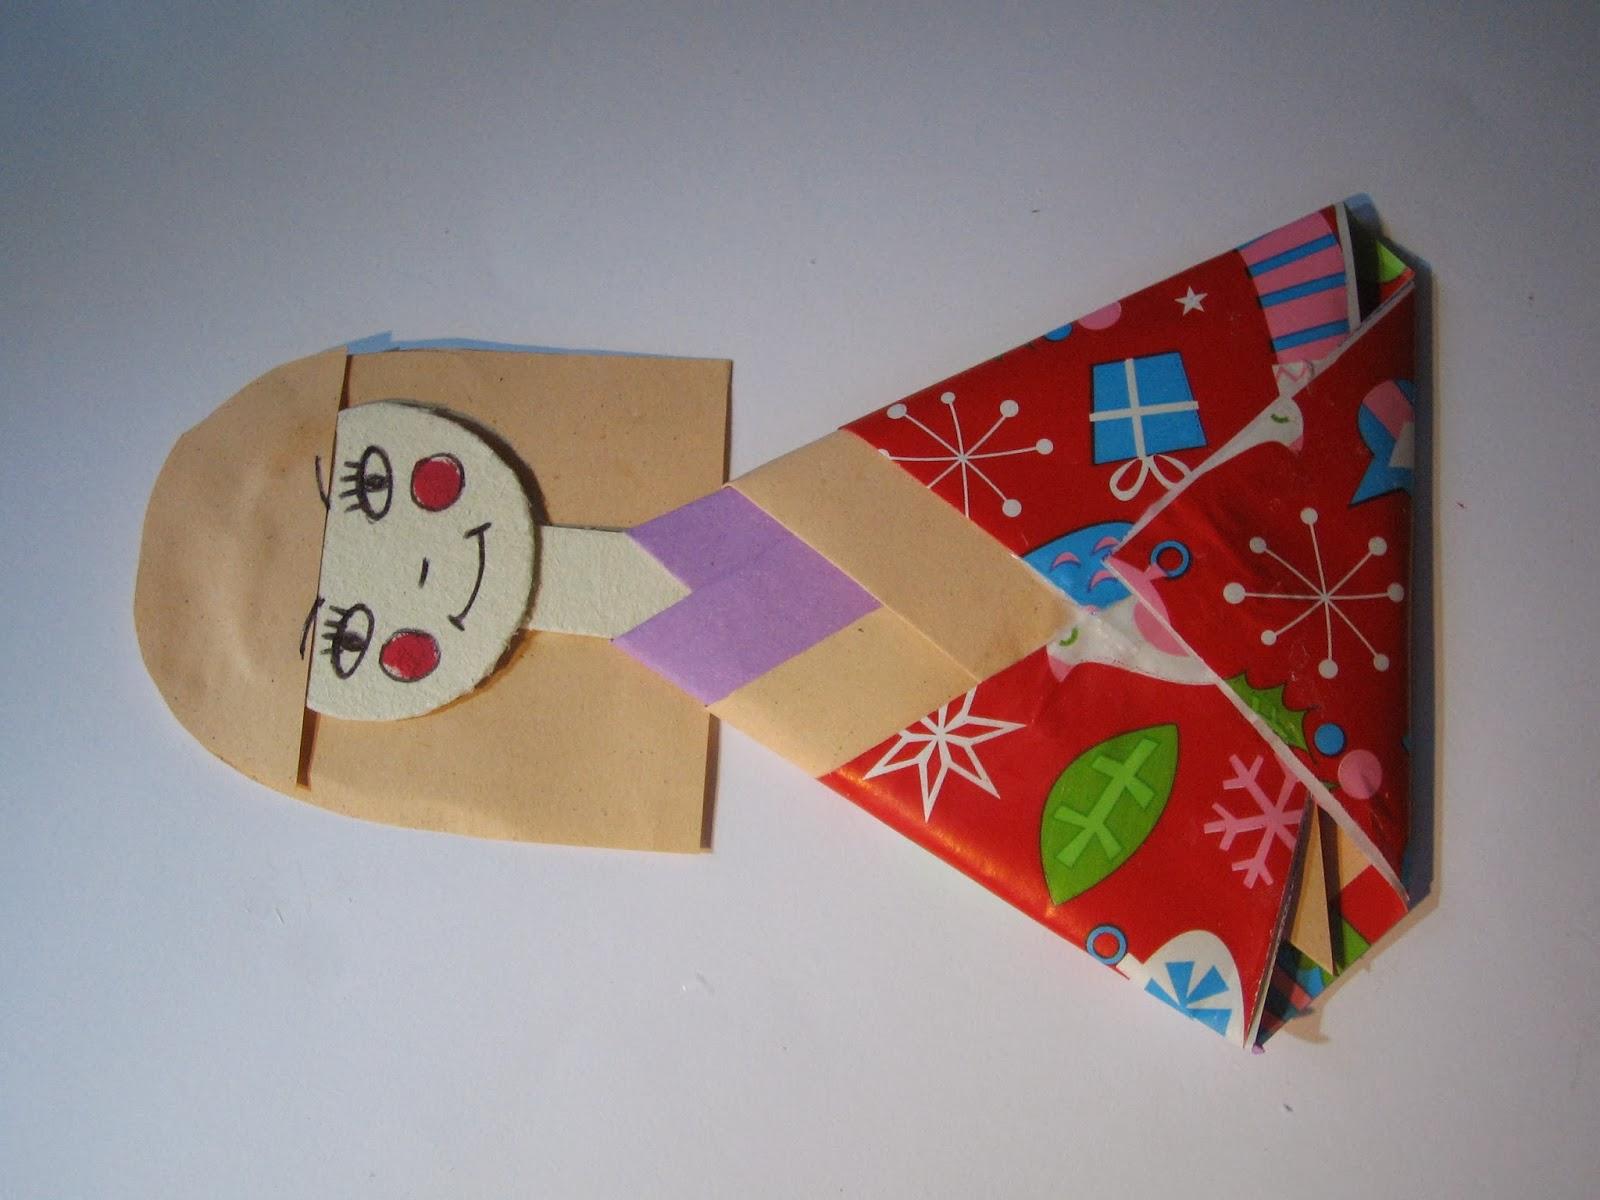 szülinapi játékok 6 éveseknek kreativgyermek: Szülinapi zsúr ötletek szülinapi játékok 6 éveseknek